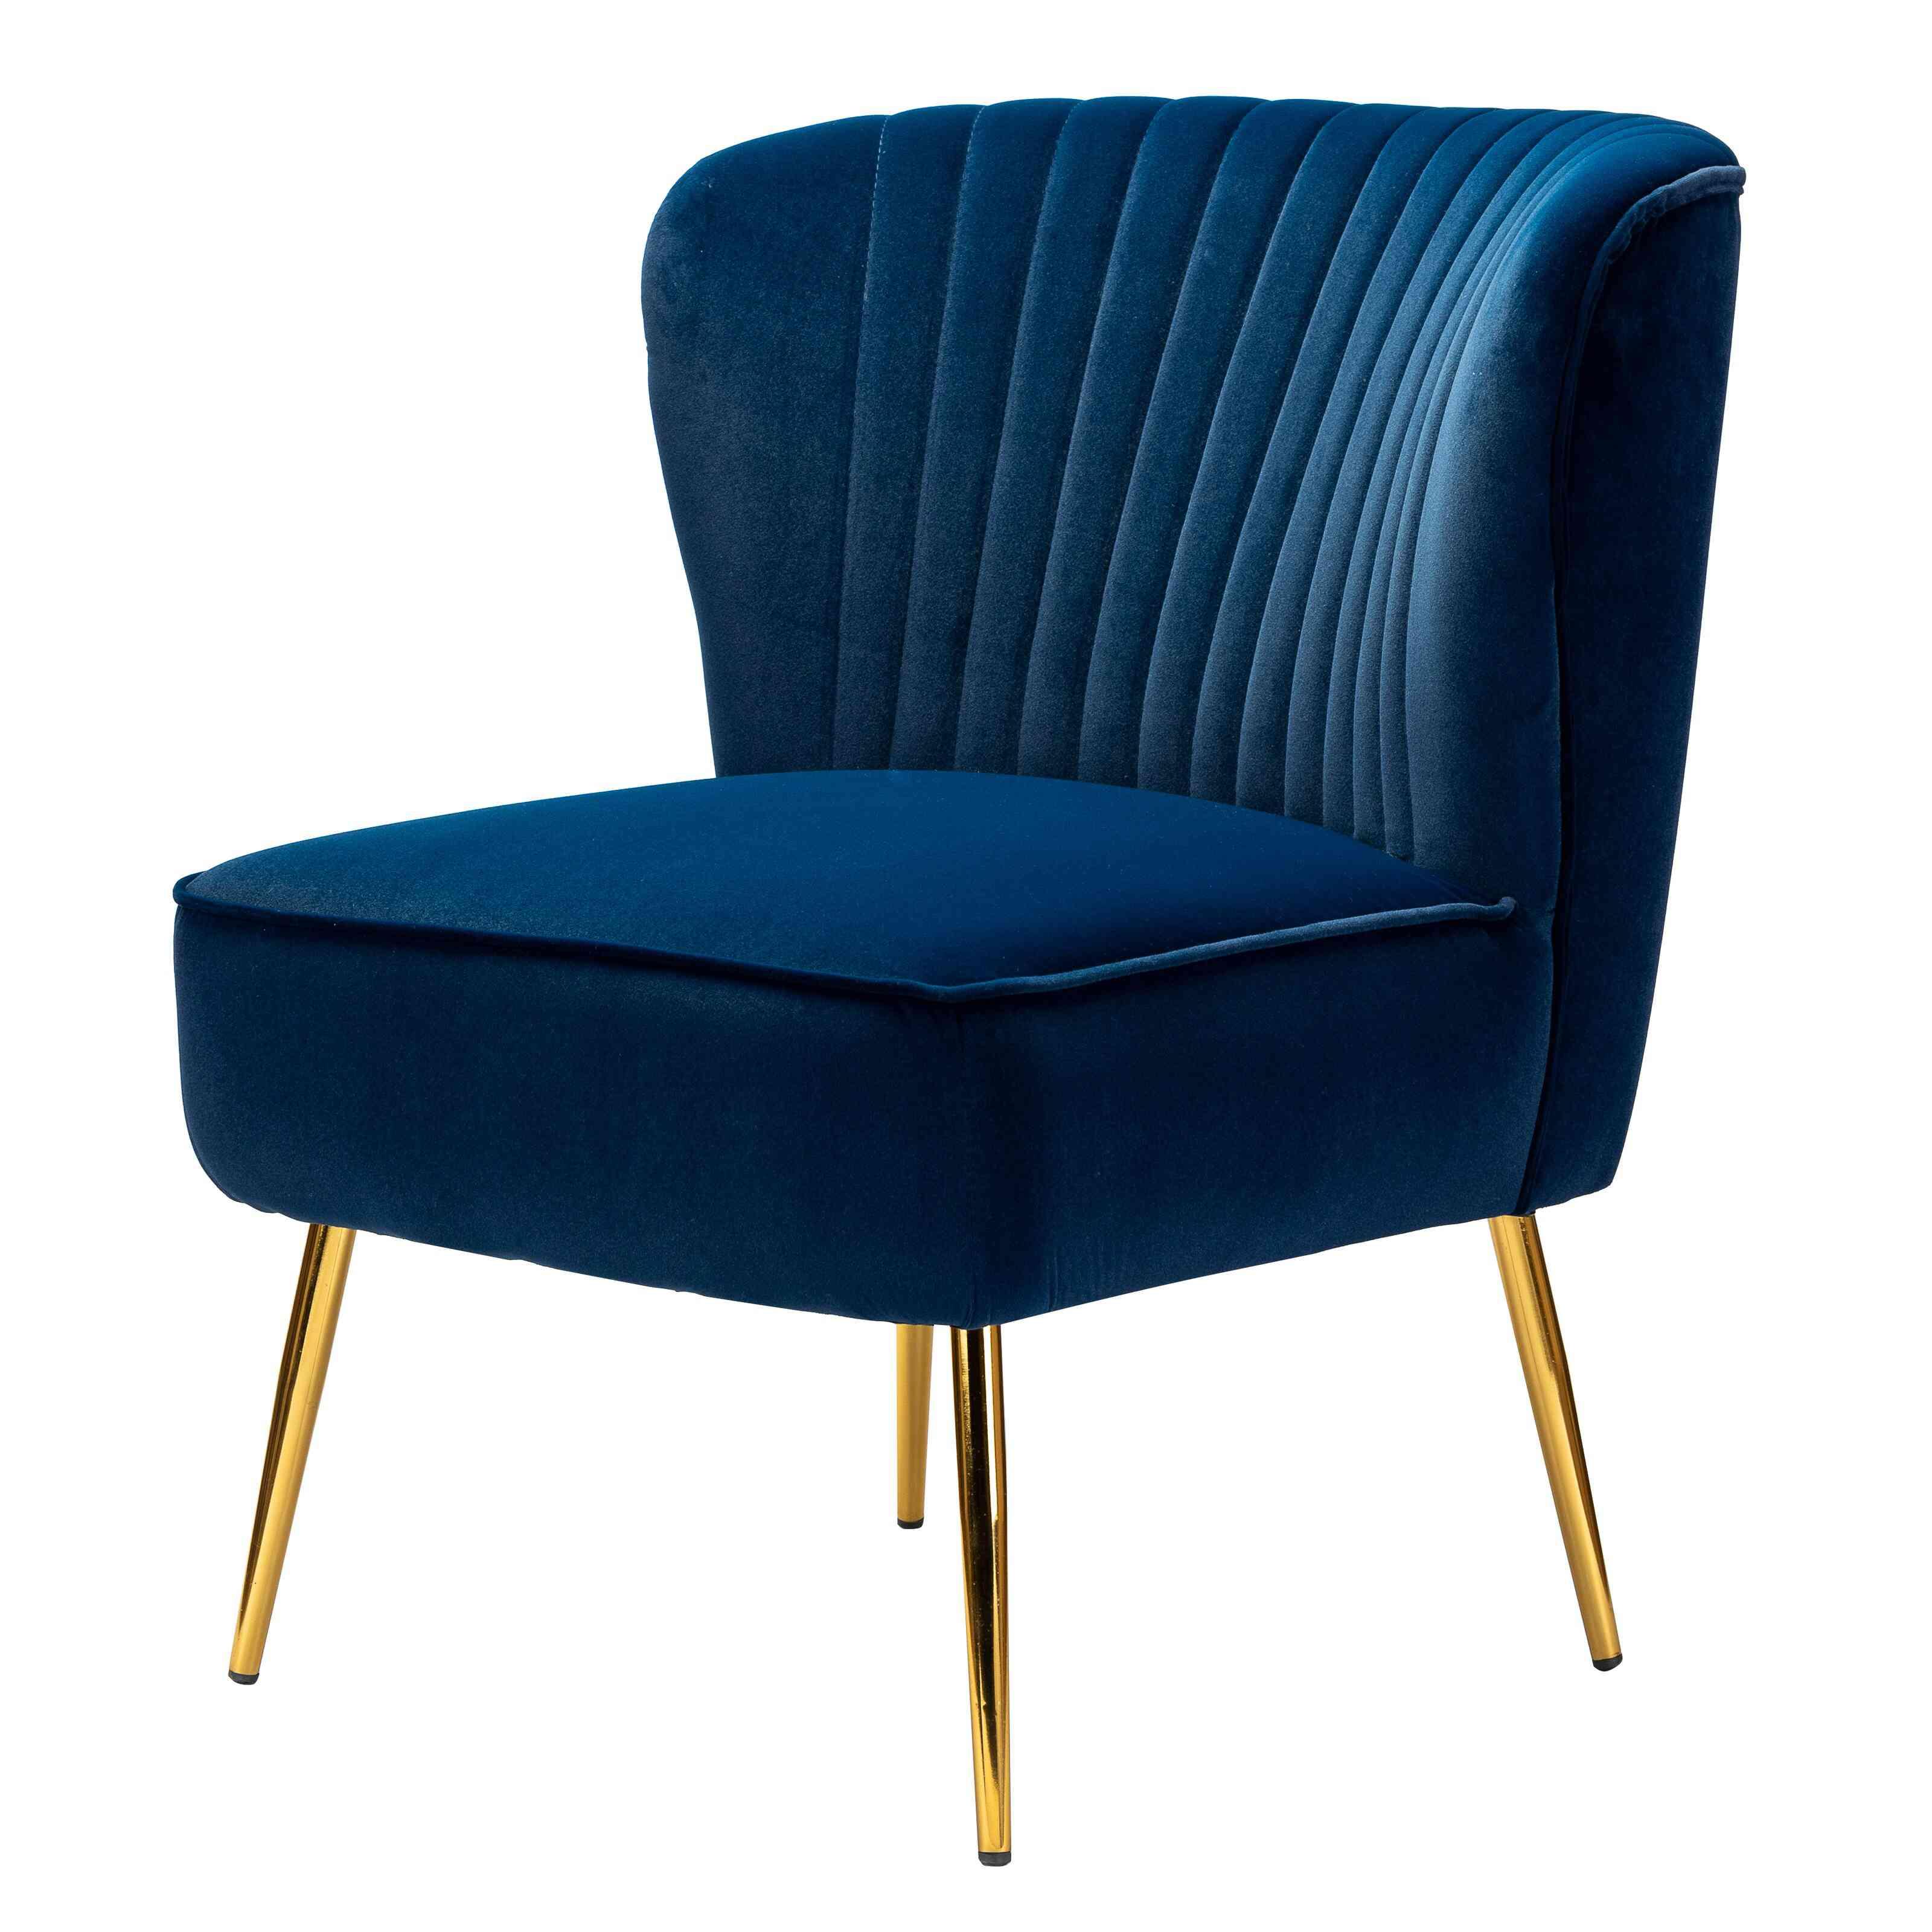 Mercer41 Erasmus Side Chair